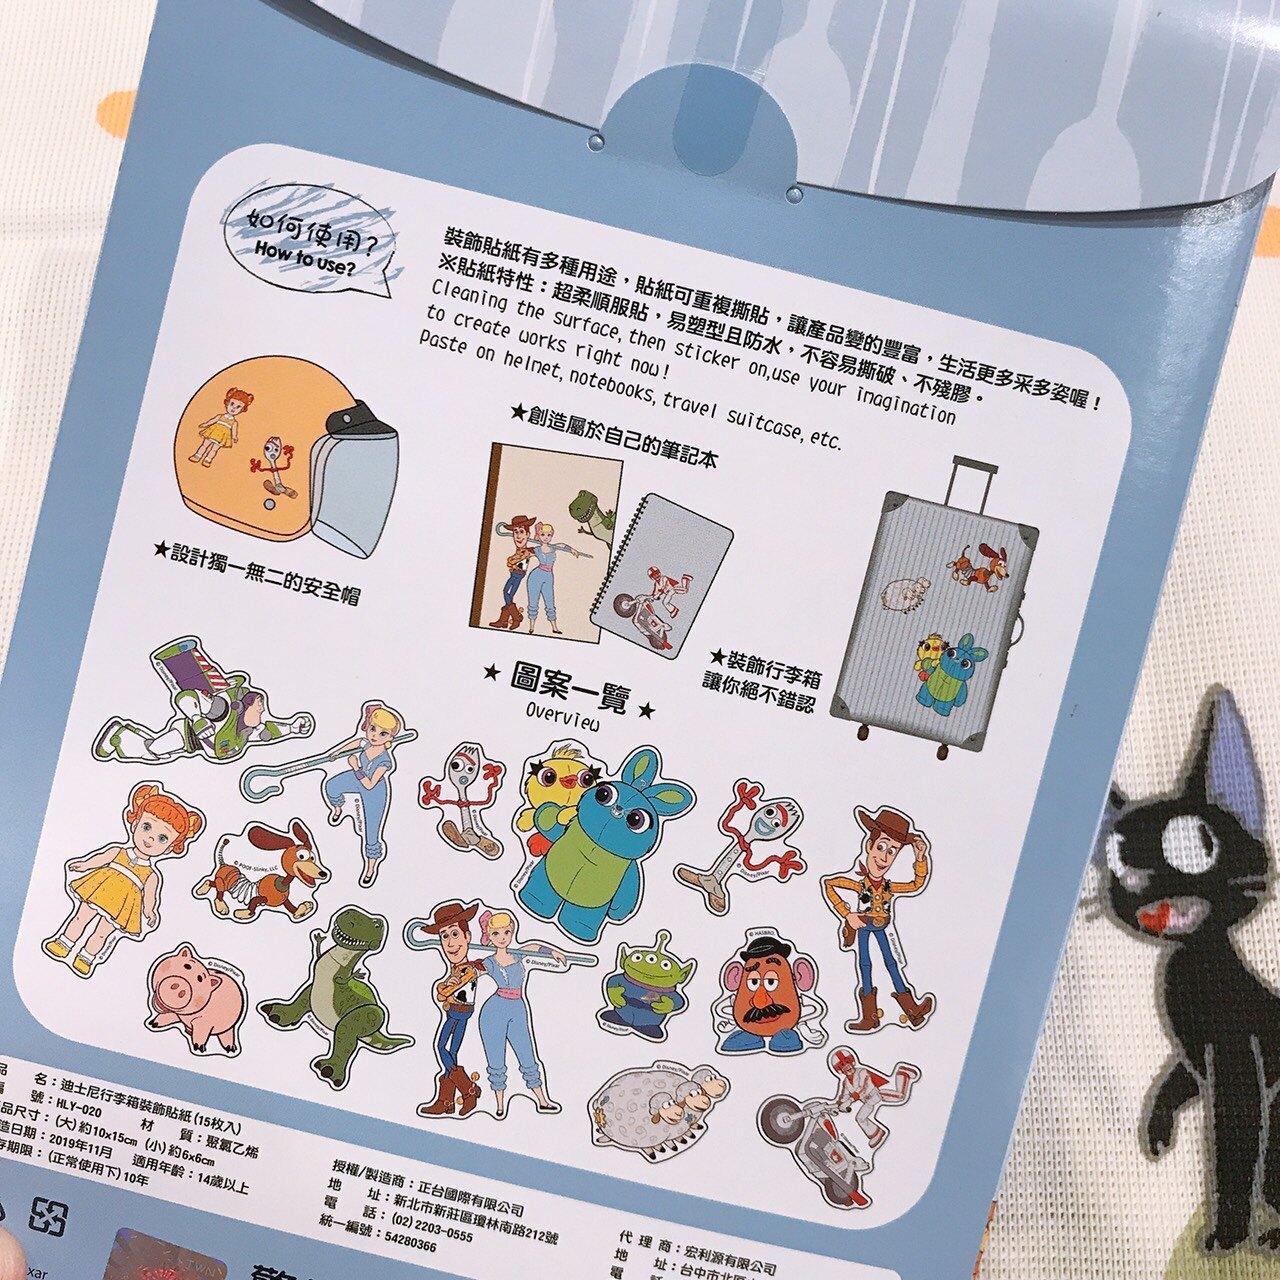 【真愛日本】玩具總動員 toys 迪士尼 胡迪牧羊女 裝飾 貼紙 裝飾貼紙 文具 19120900001 裝飾貼紙-玩總4